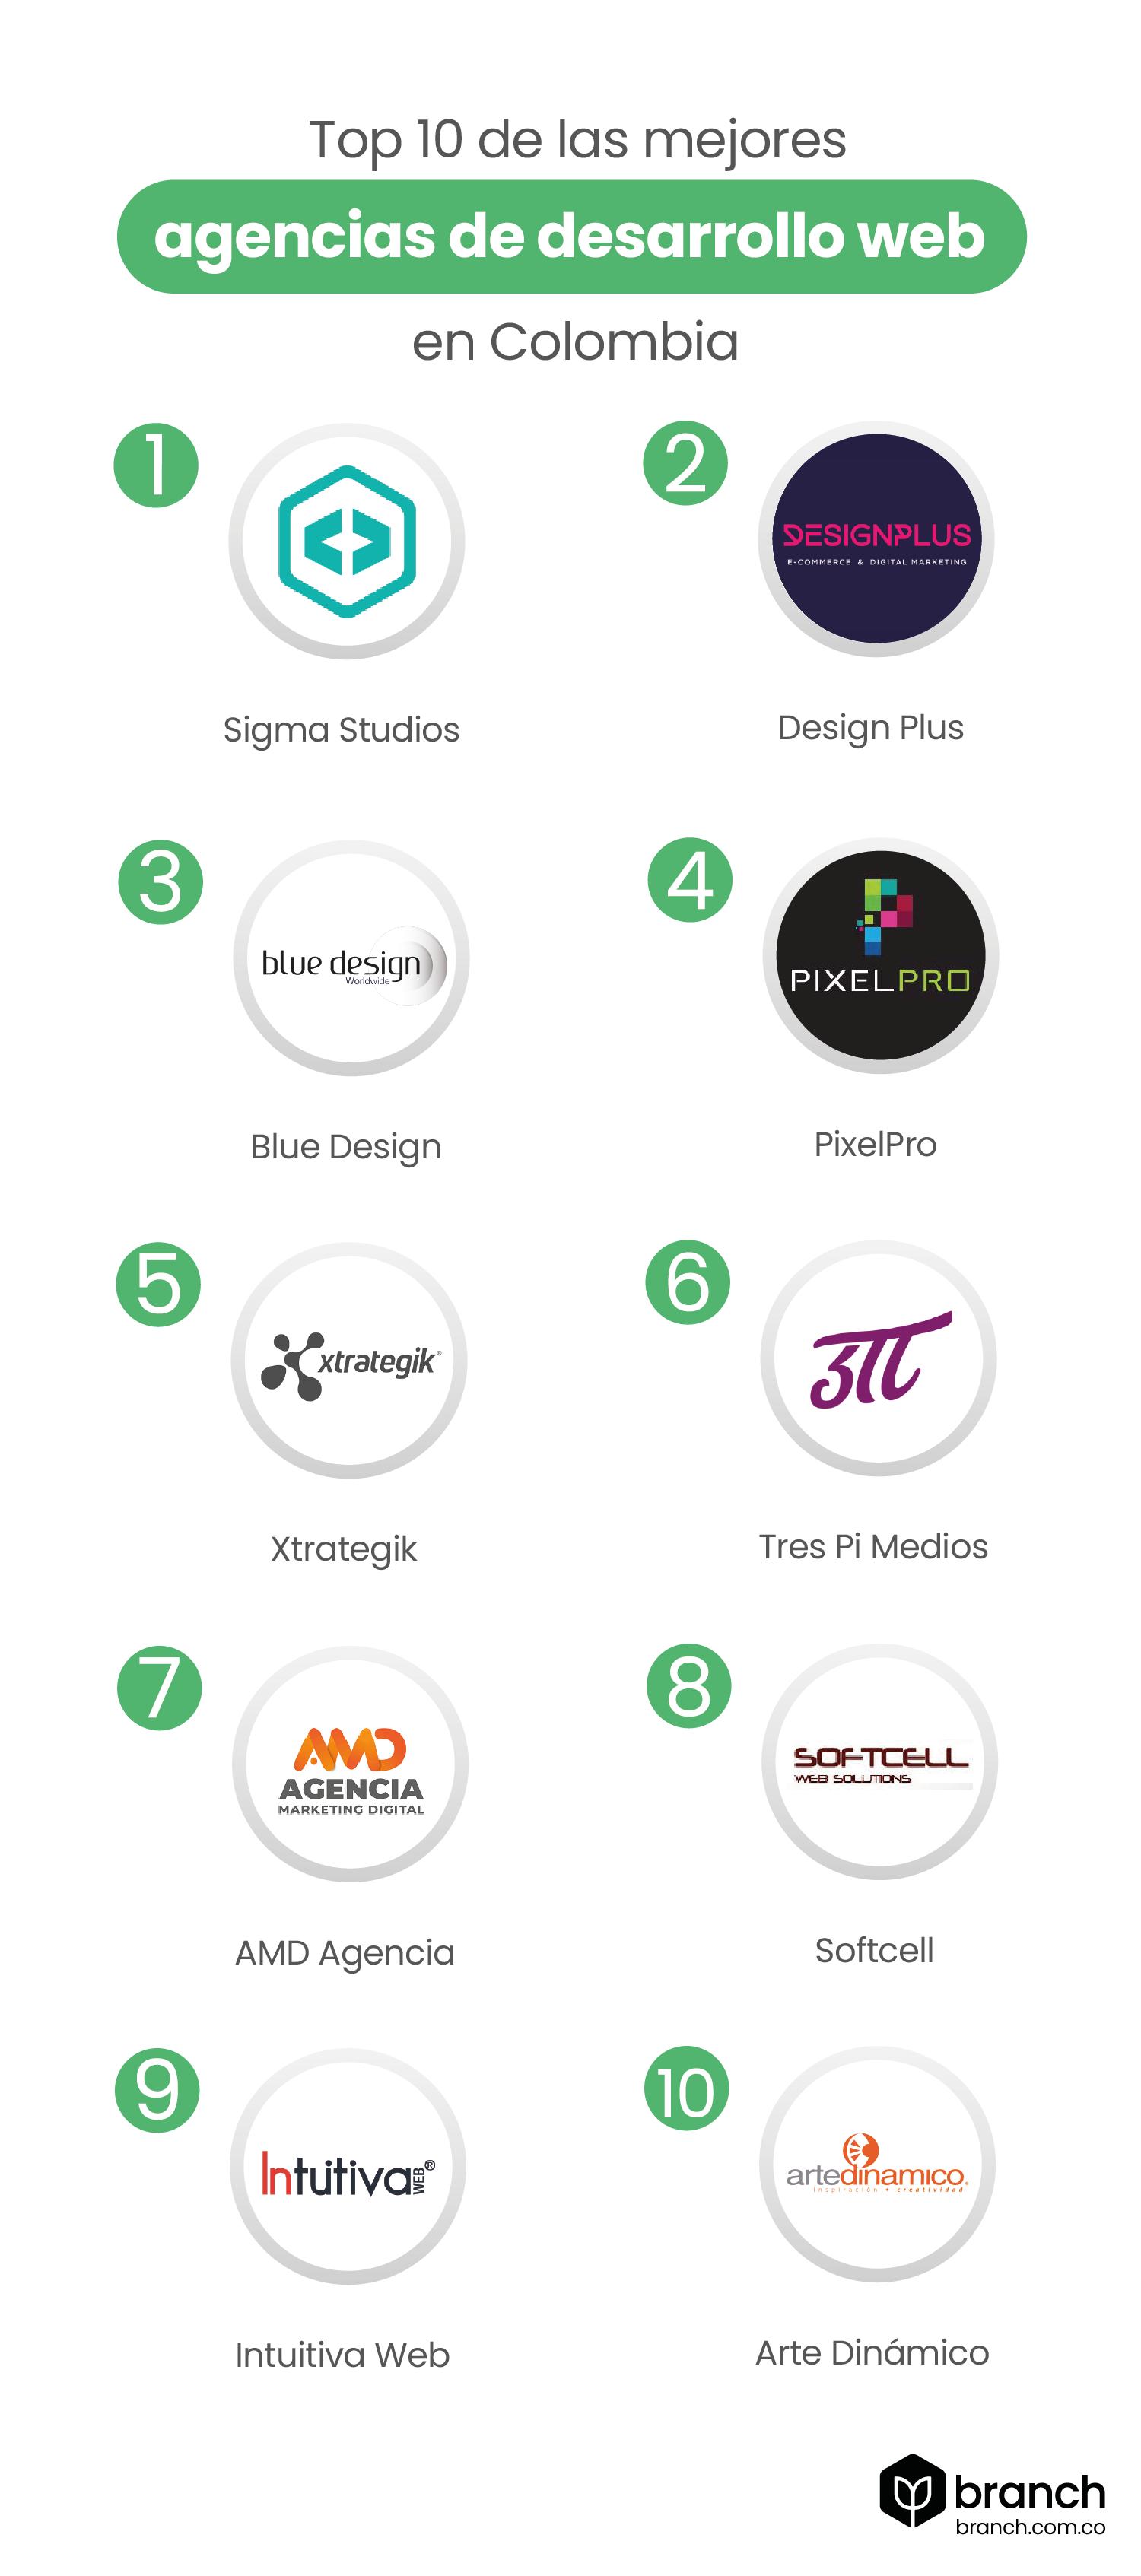 Top-10-de-las-mejores-agencias-de-desarrollo-web-en-Colombia